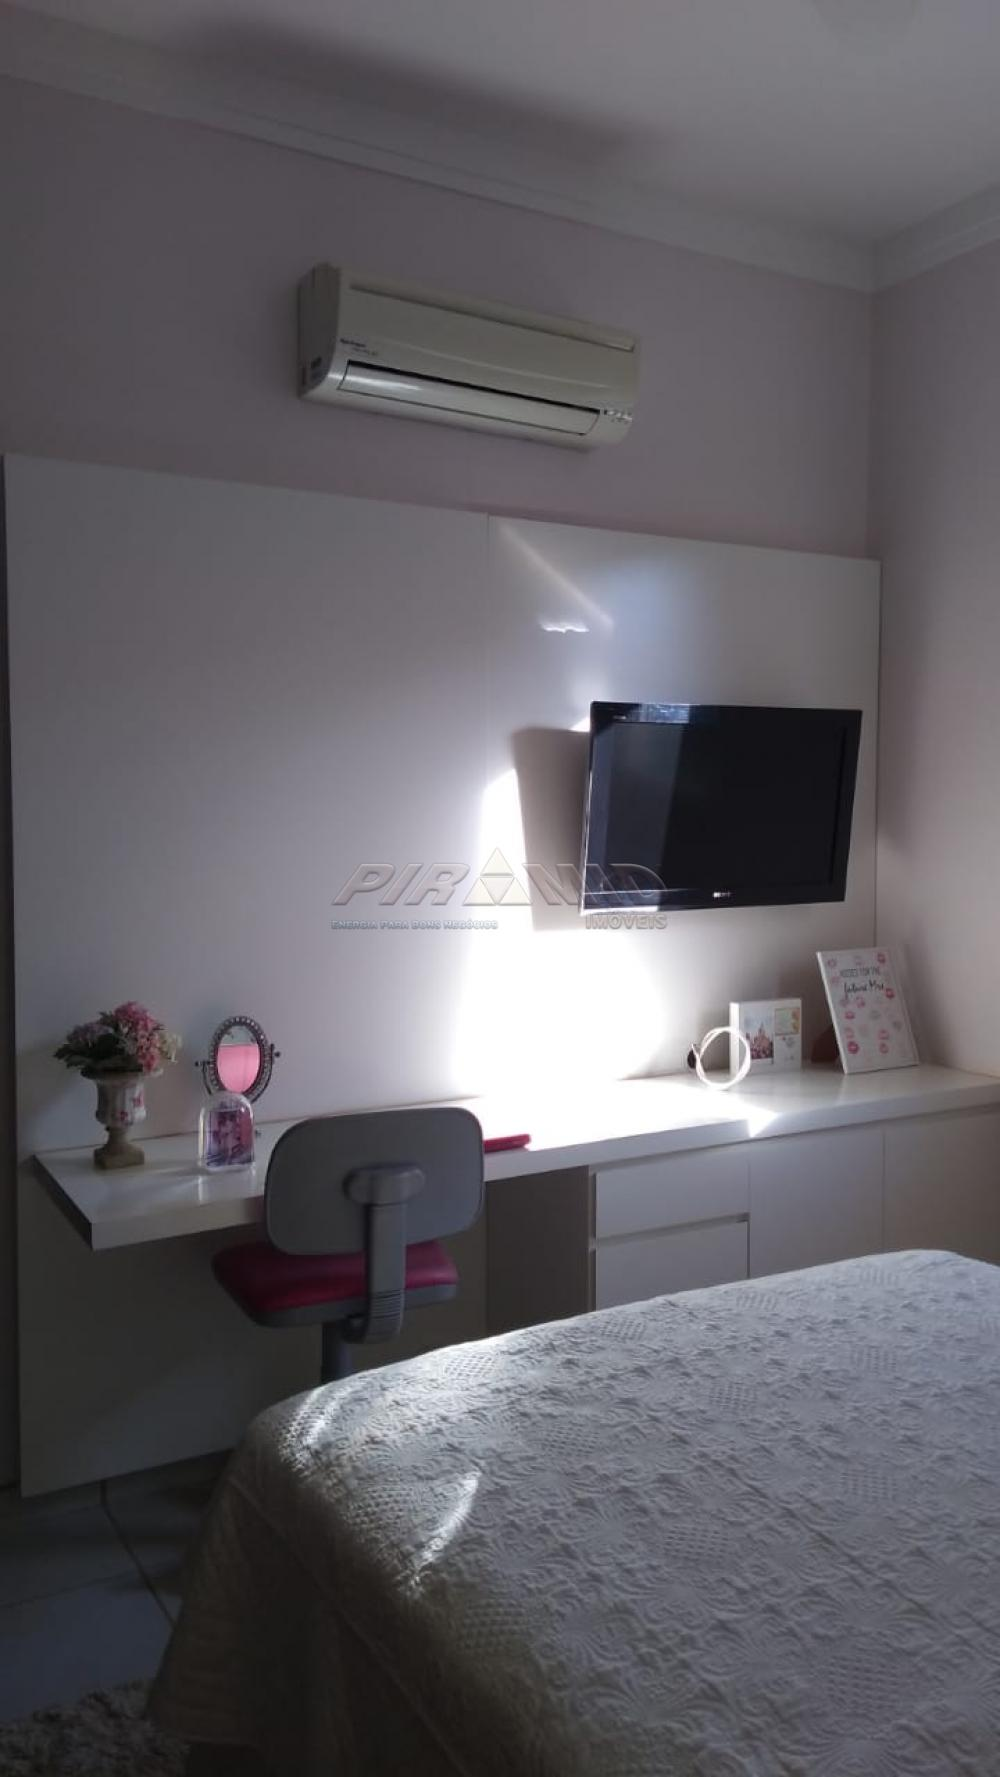 Comprar Casa / Condomínio em Ribeirão Preto R$ 2.330.000,00 - Foto 32